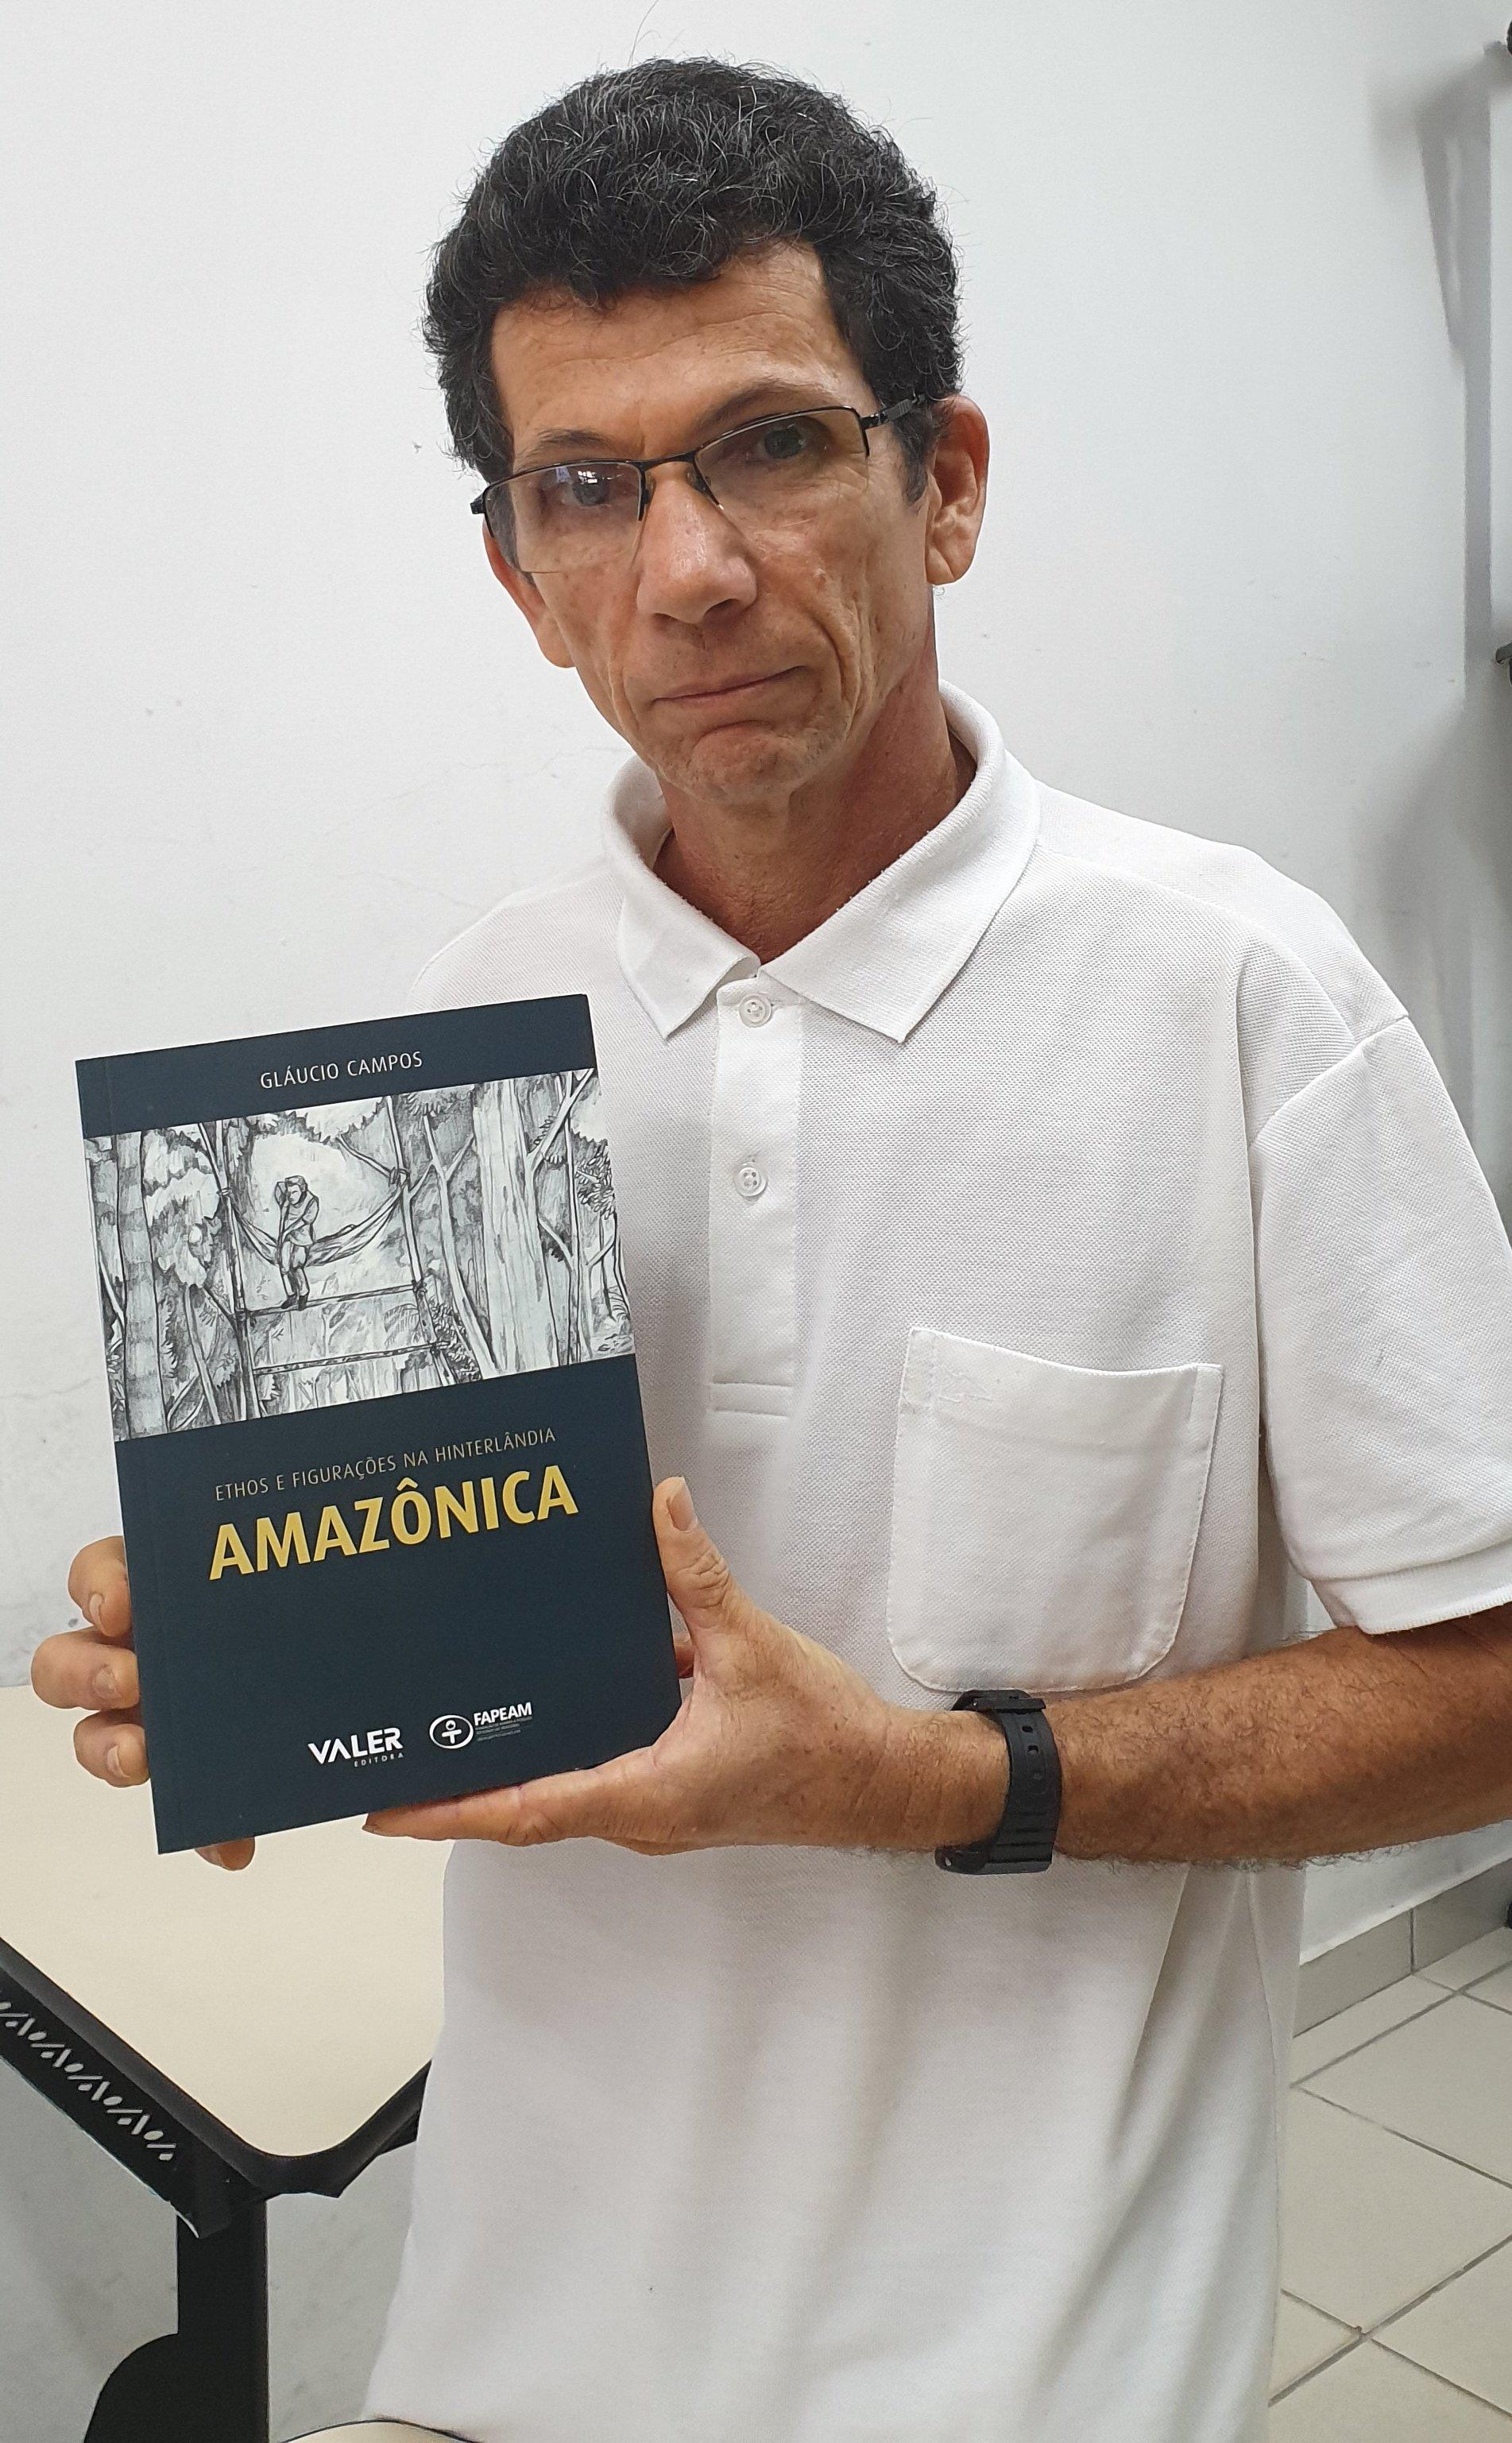 Obra de autoria do prof. Gláucio Campos foi objeto de estudo do Aluno-PPGSSEA Francisco de Assis